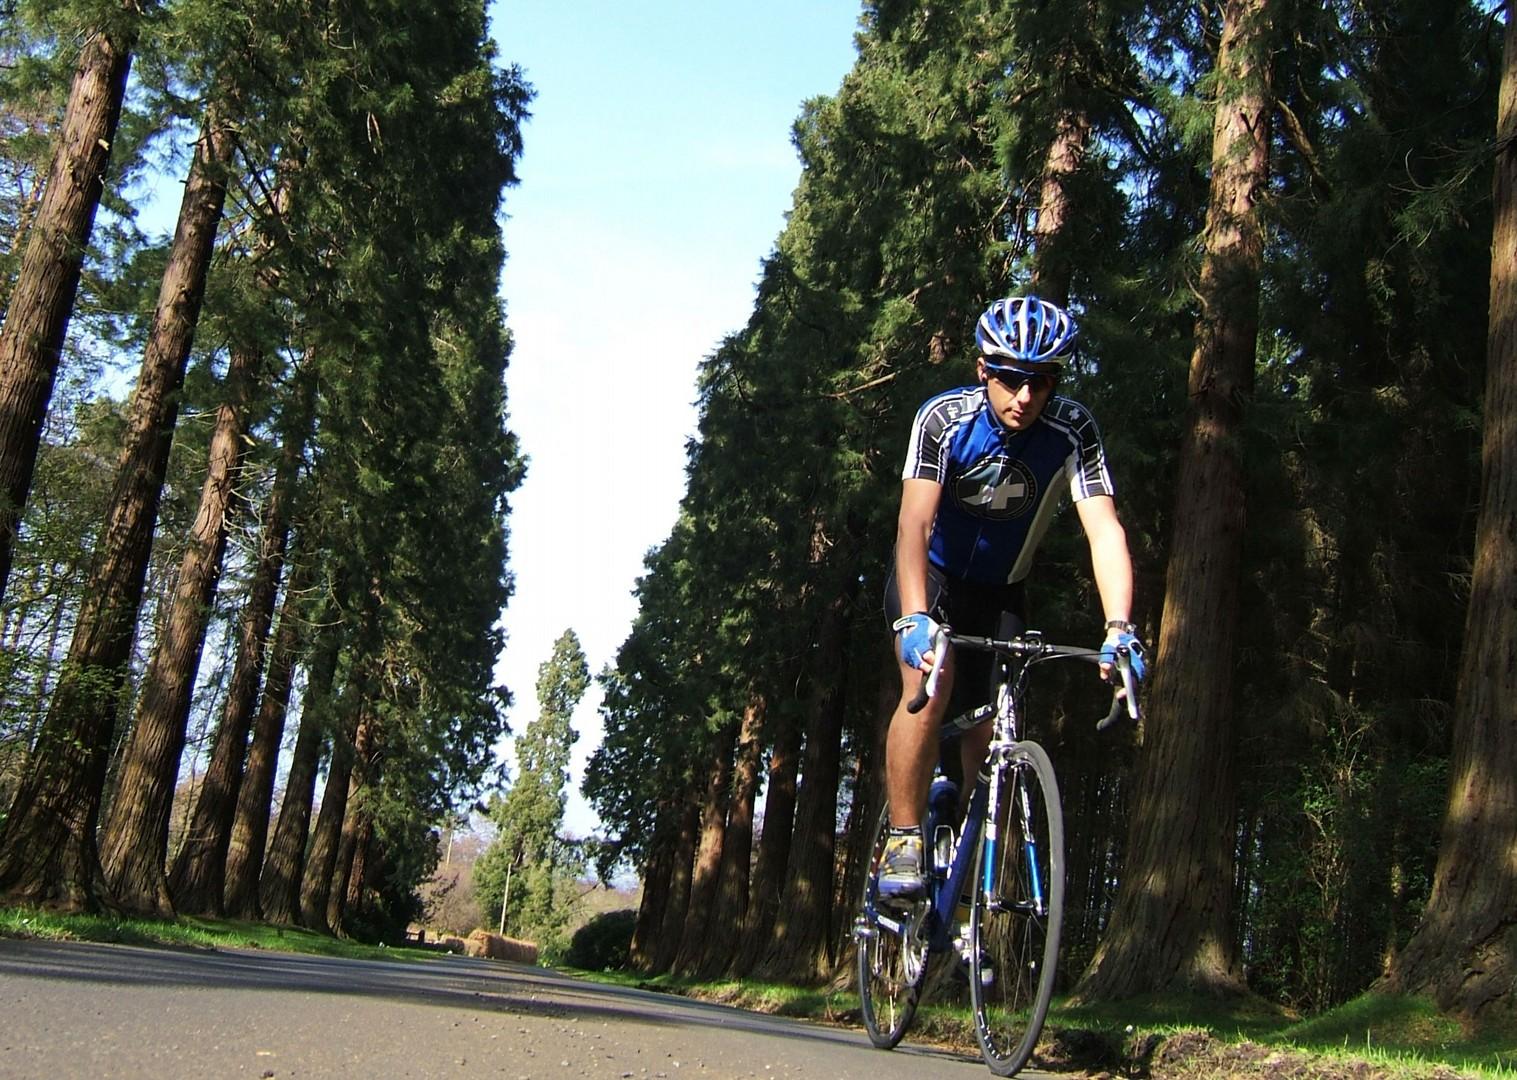 northumberland-uk-road-cycling.jpg - UK - Northumberland - Road Cycling